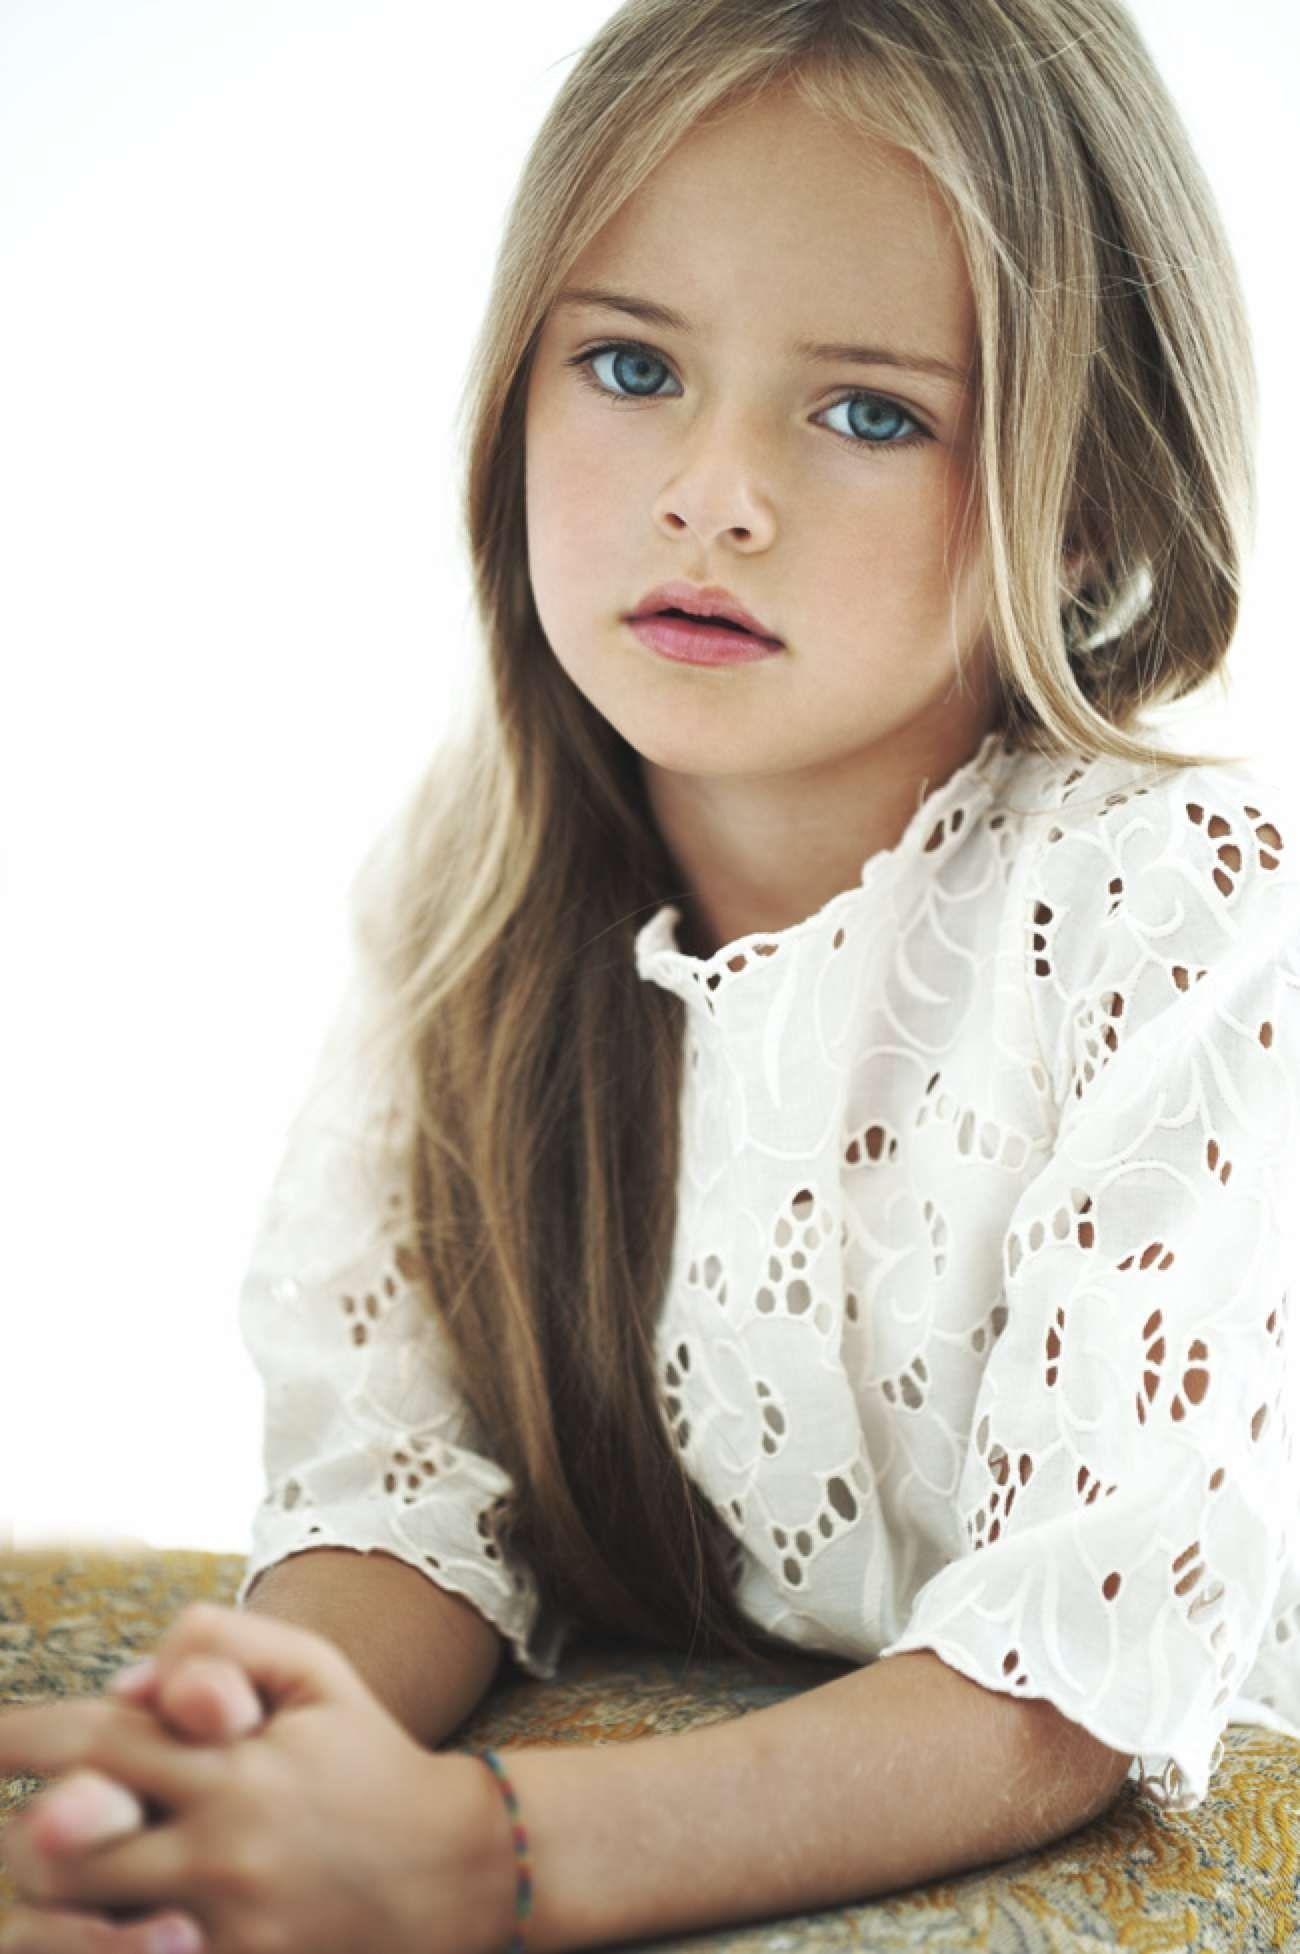 Kristina pimenova children and family pinterest